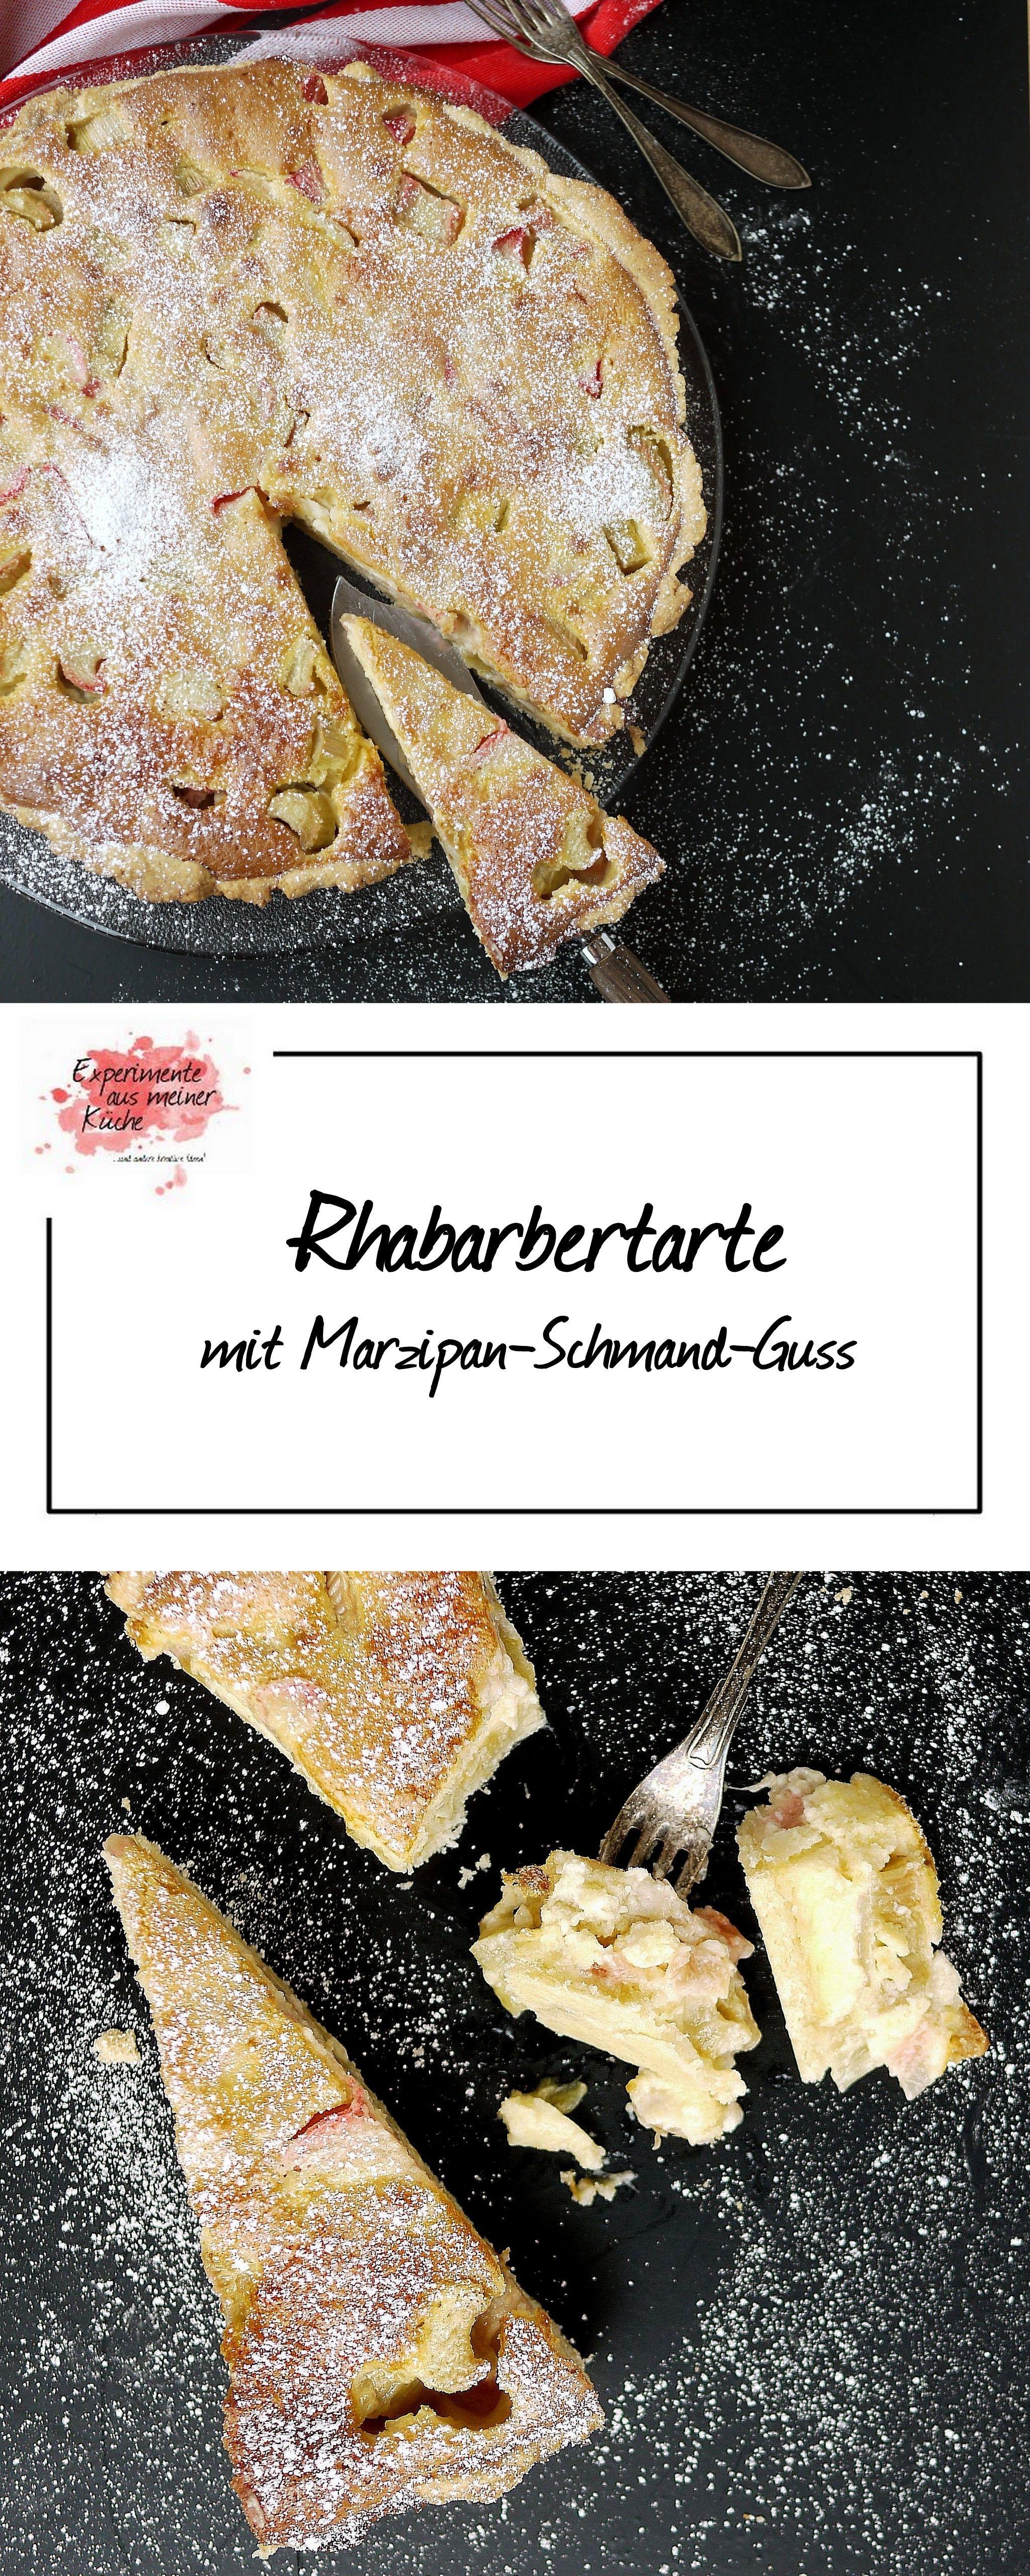 Rhabarbertarte mit Marzipan-Schmand-Guss | Rhabarbertarte ...